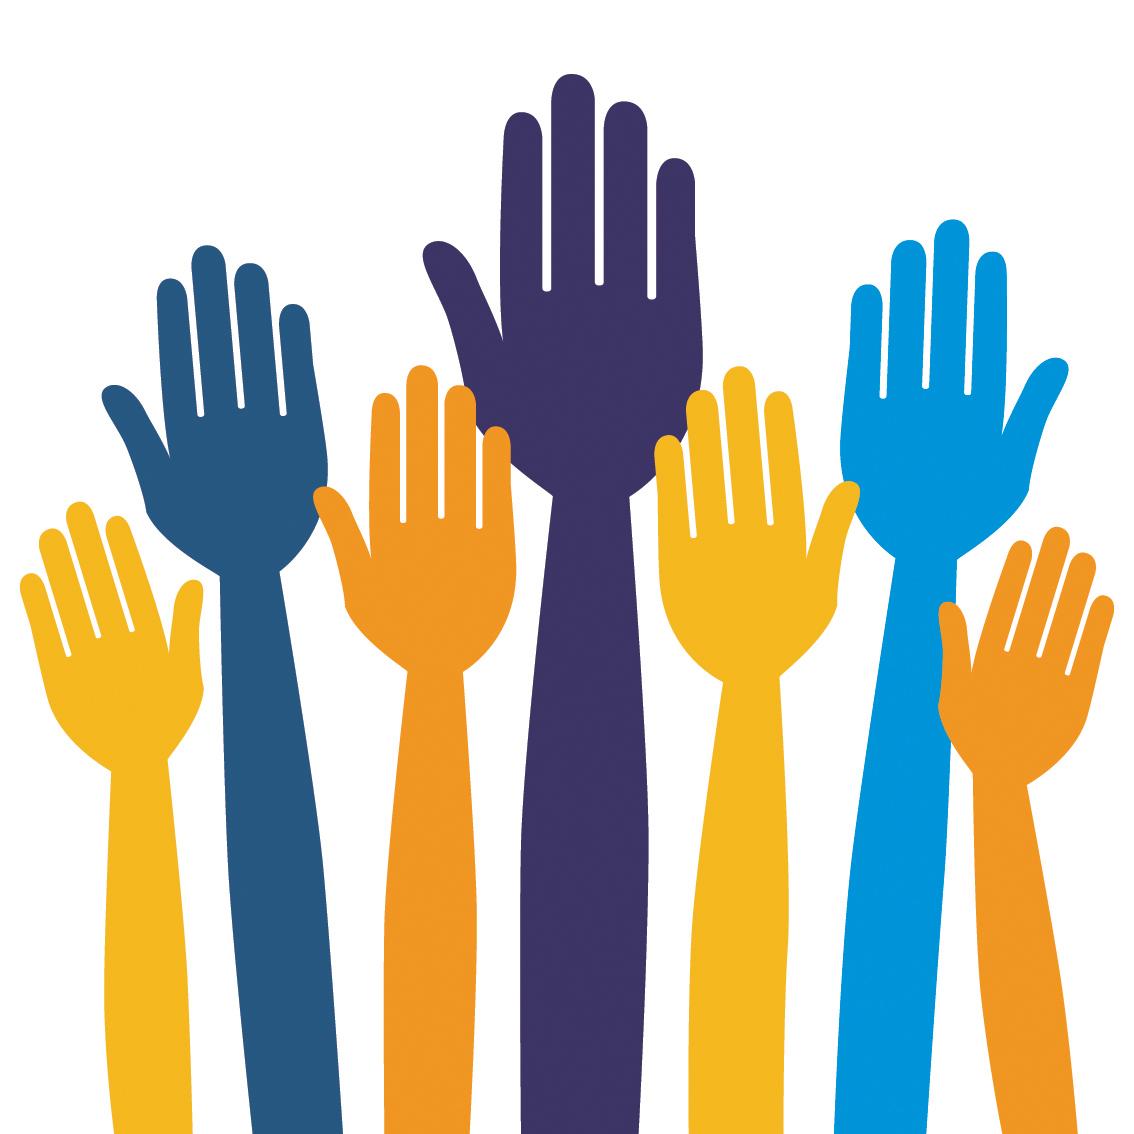 Volunteer hands clipart